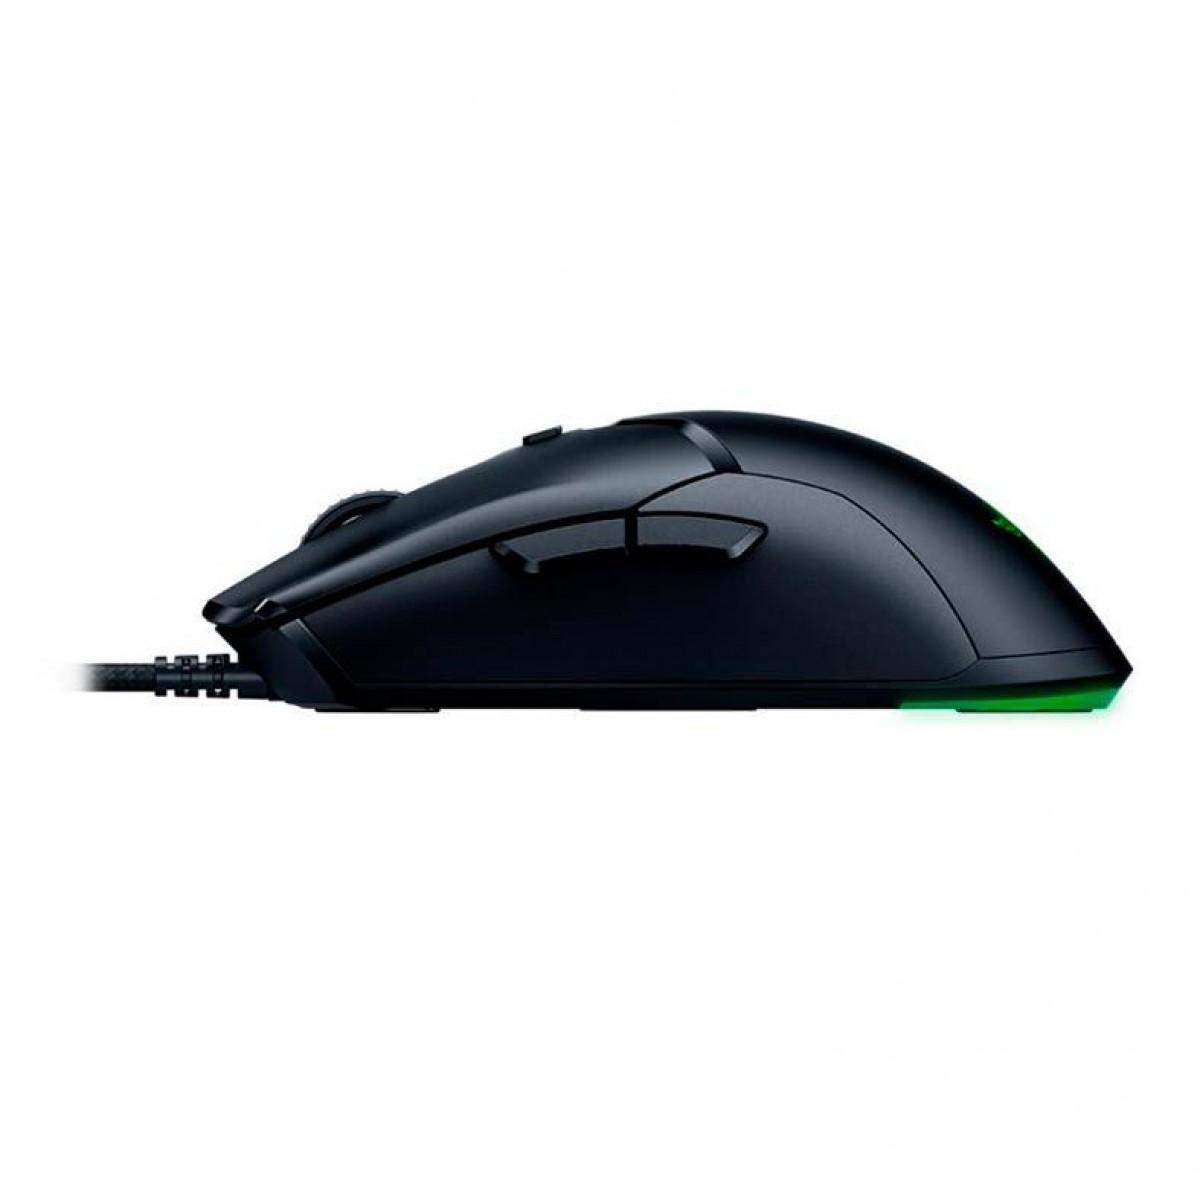 Mouse Gamer Razer Viper Mini, 6 Botões Programáveis, 8.500 DPI, RGB, RZ01-03250100-R3U1